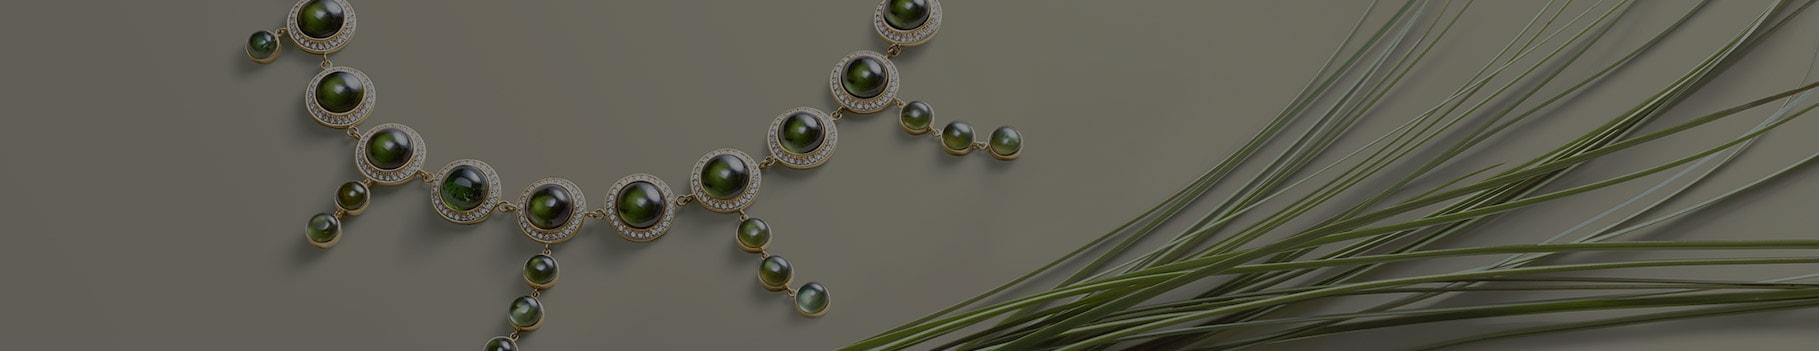 Misahara Fine Jewelry Necklace